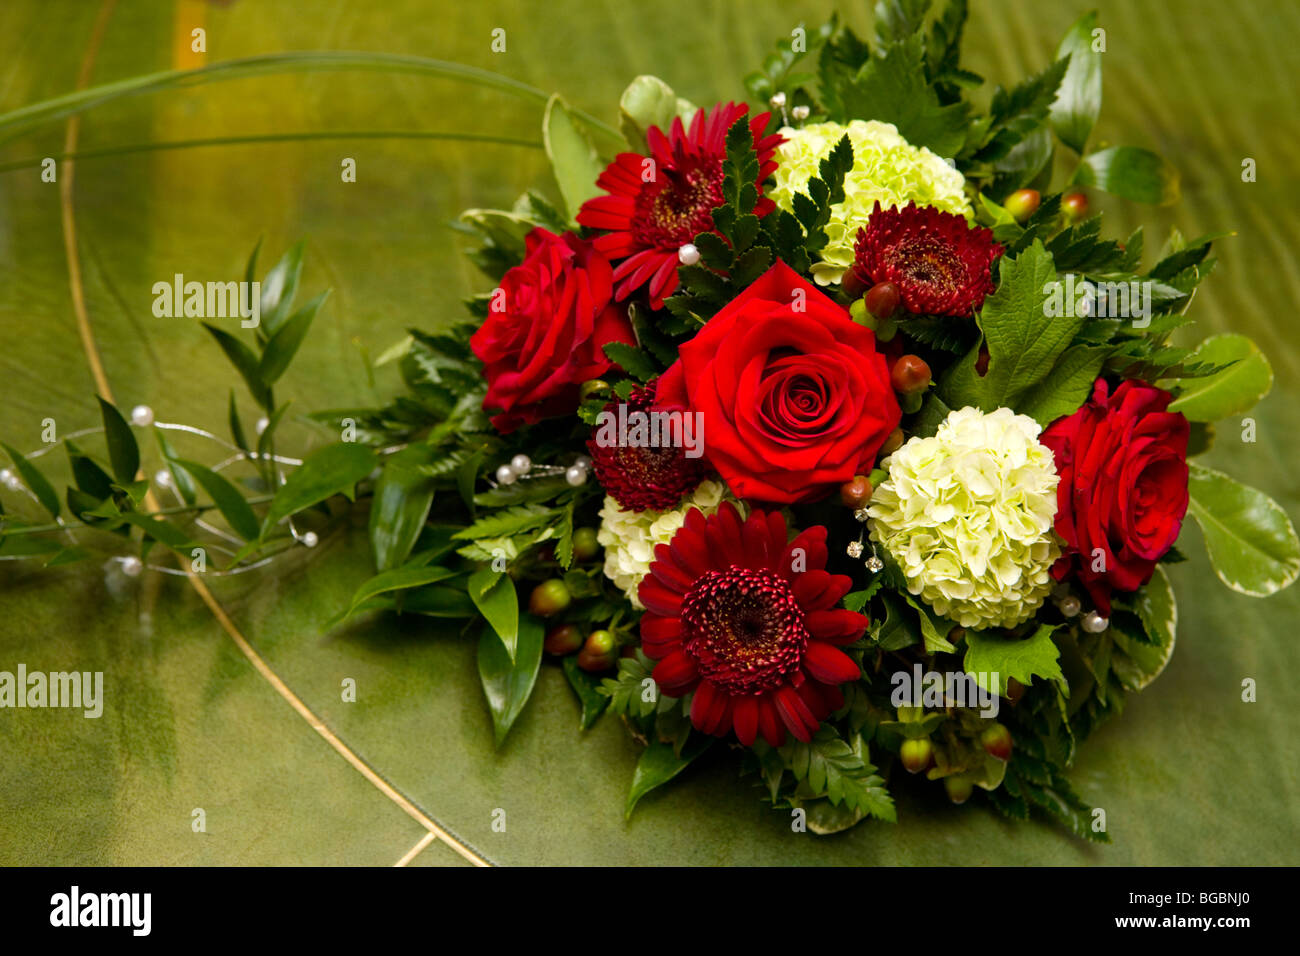 Décoration florale de mariage Photo Stock